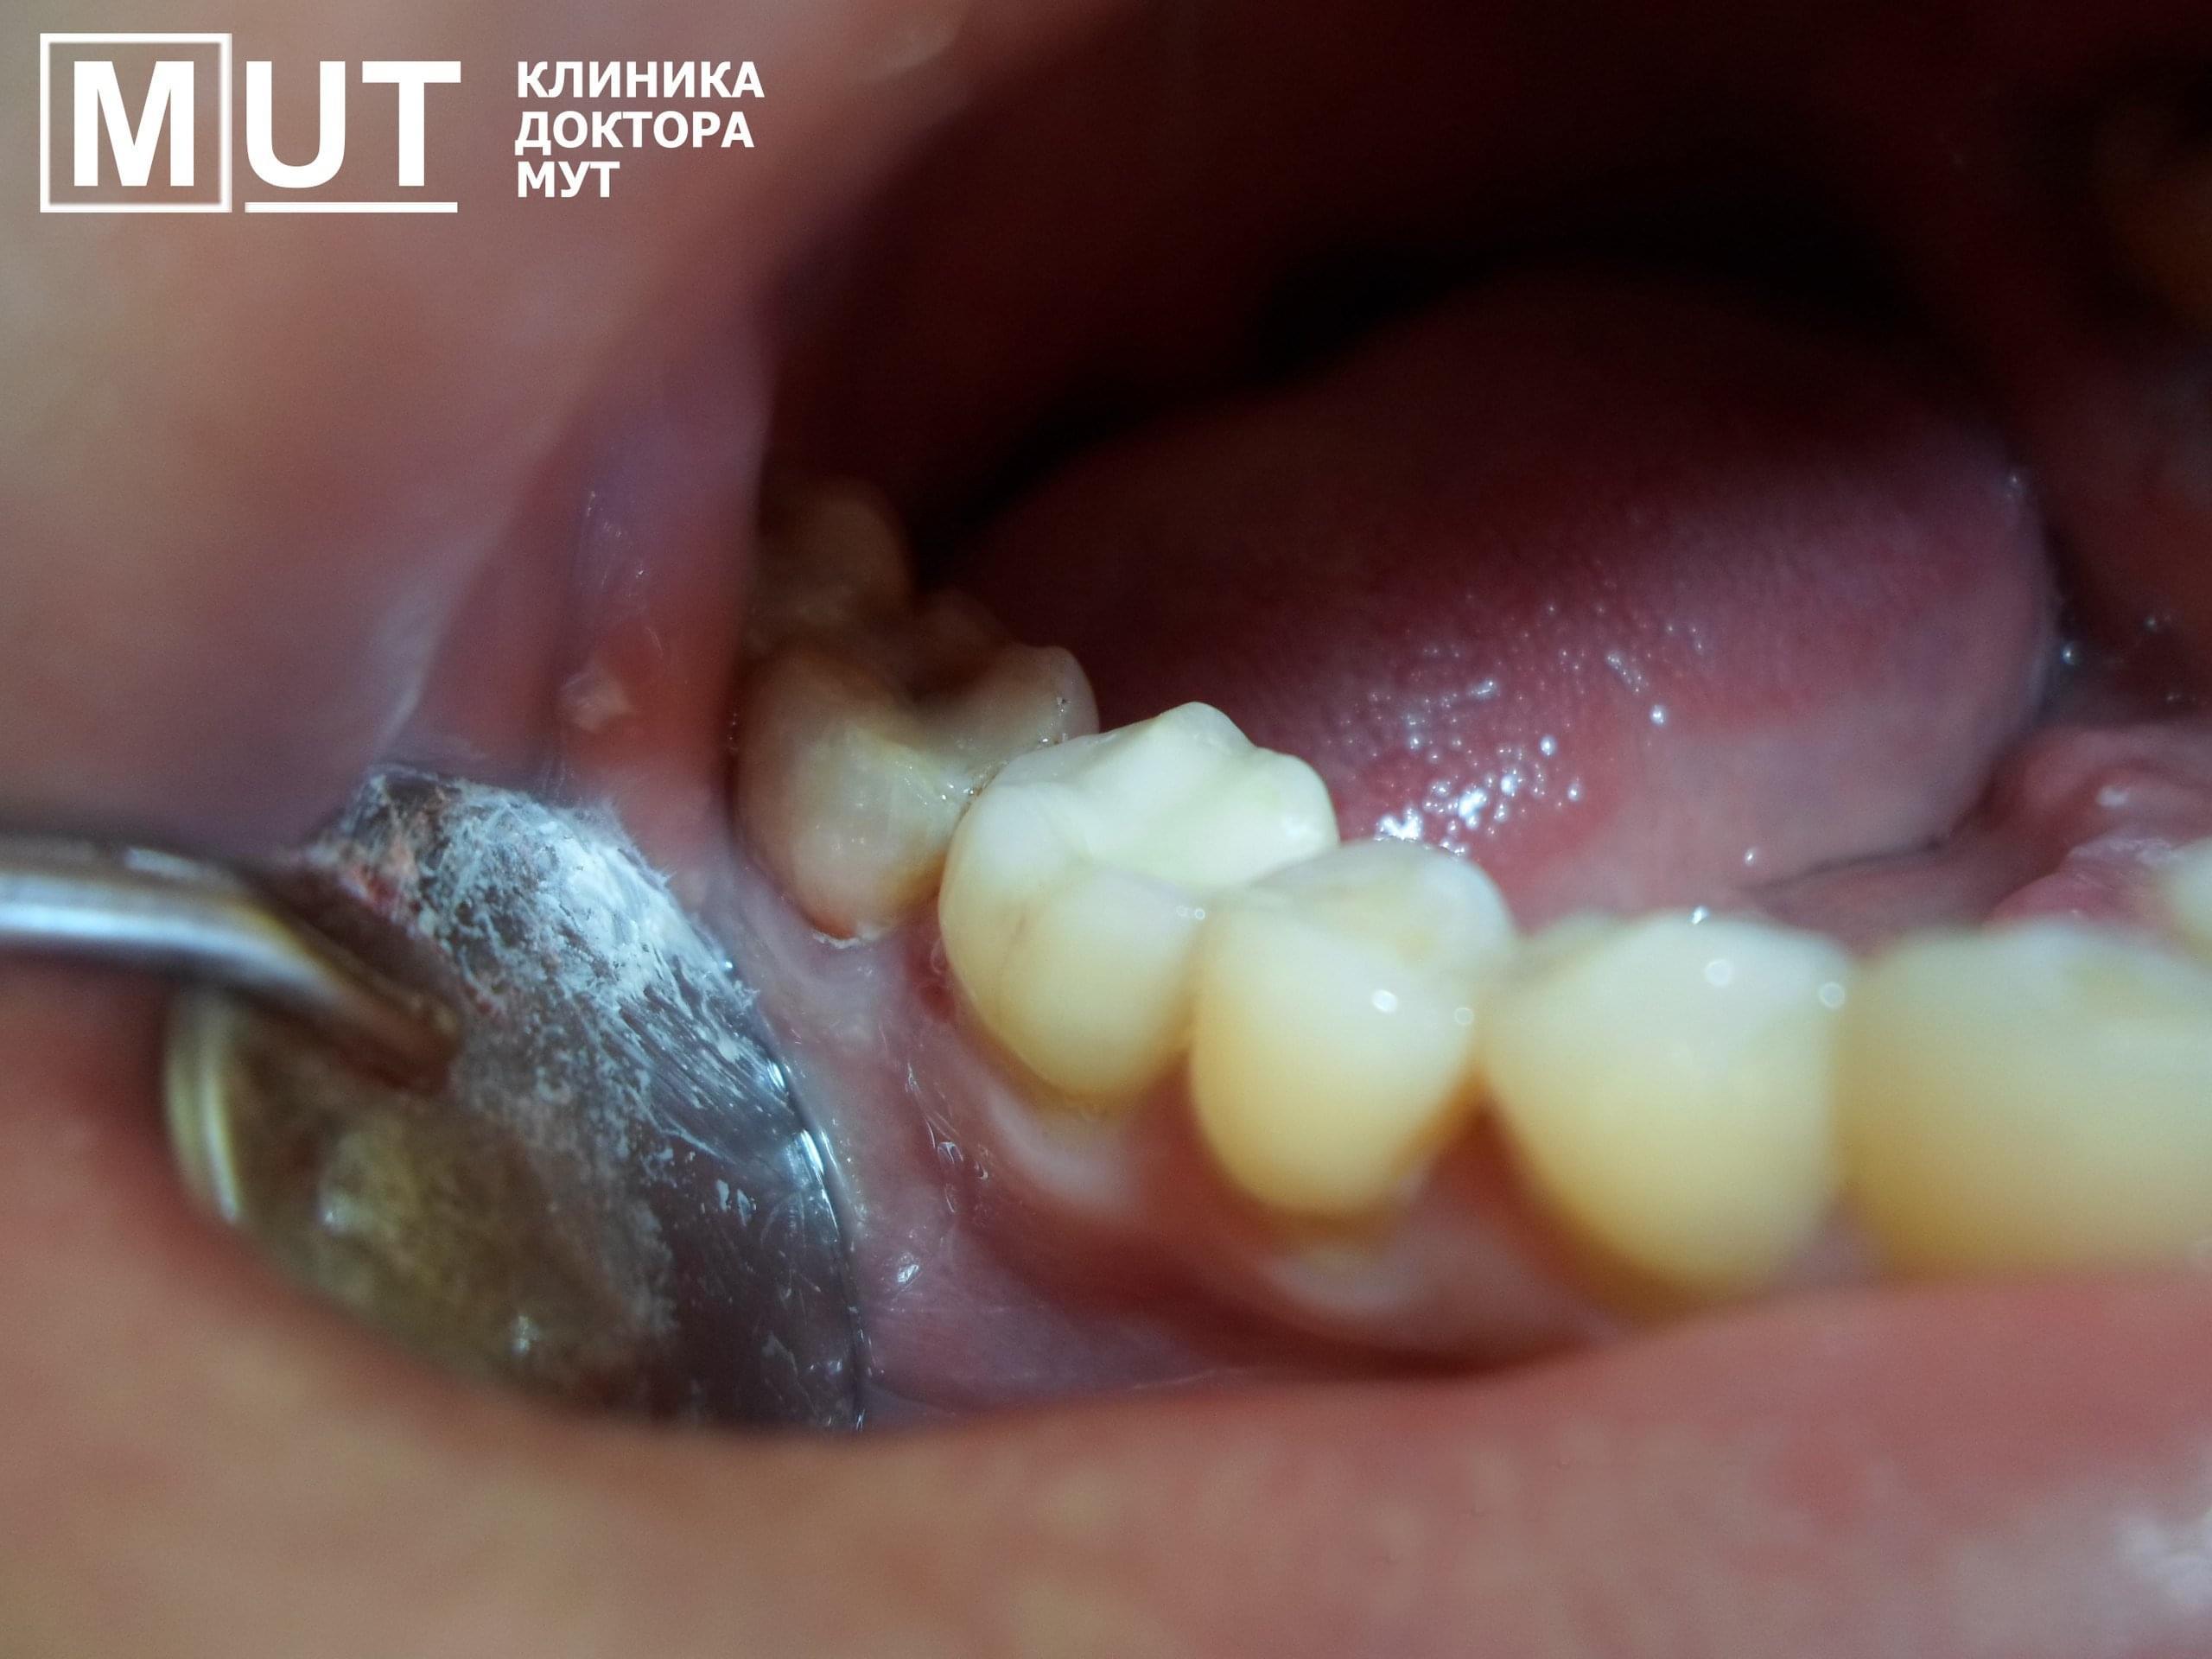 лечение зубов в самаре